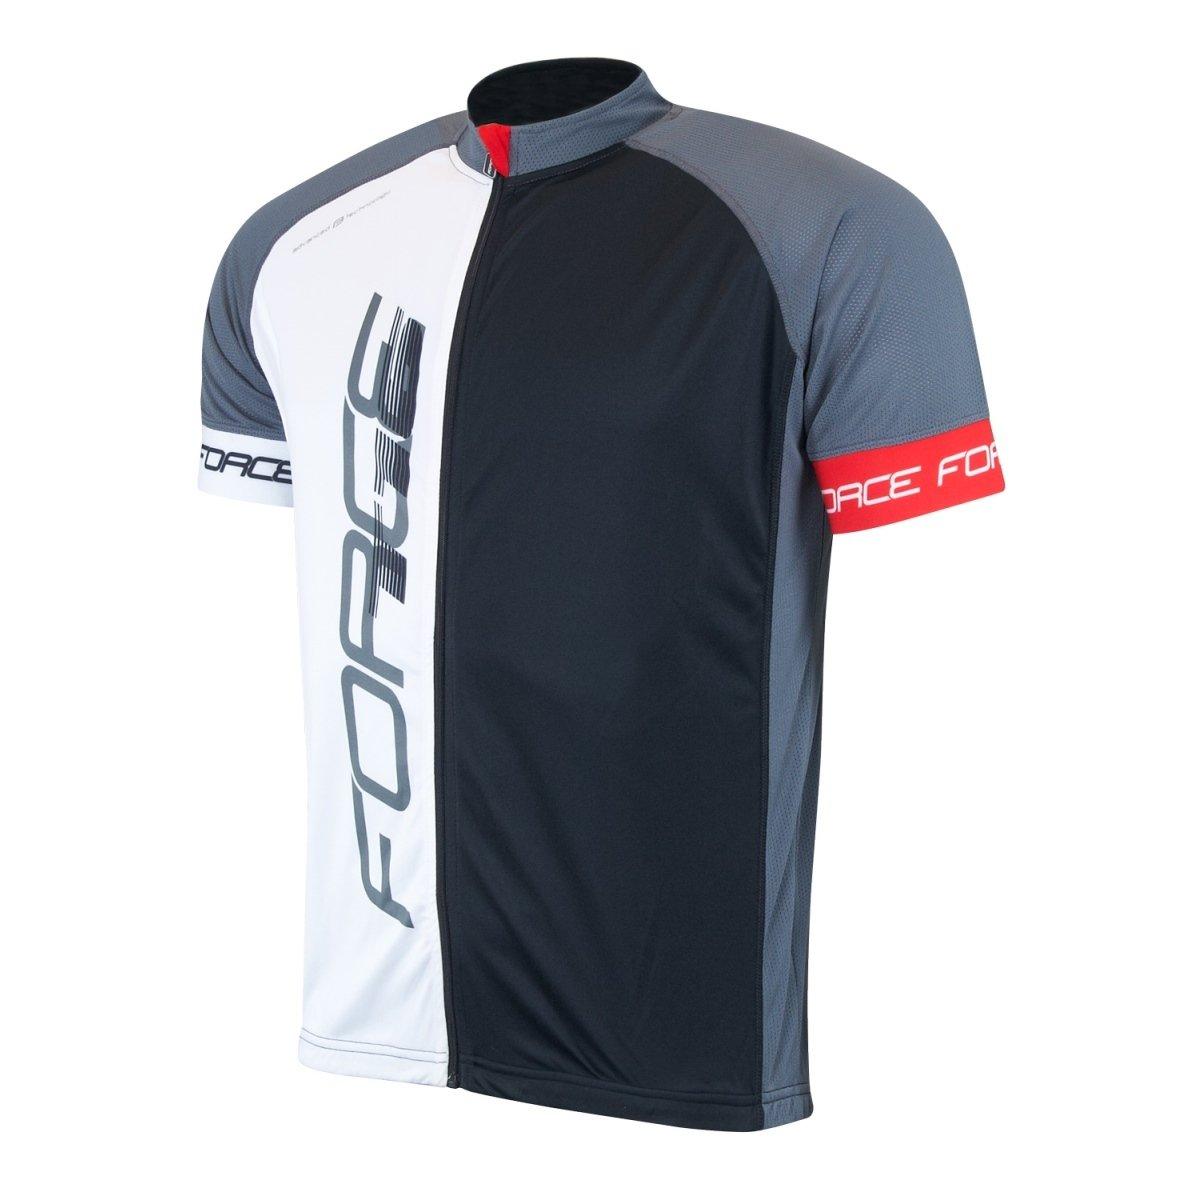 Force T16 cykeltrøje grå / sort / hvid | Trøjer